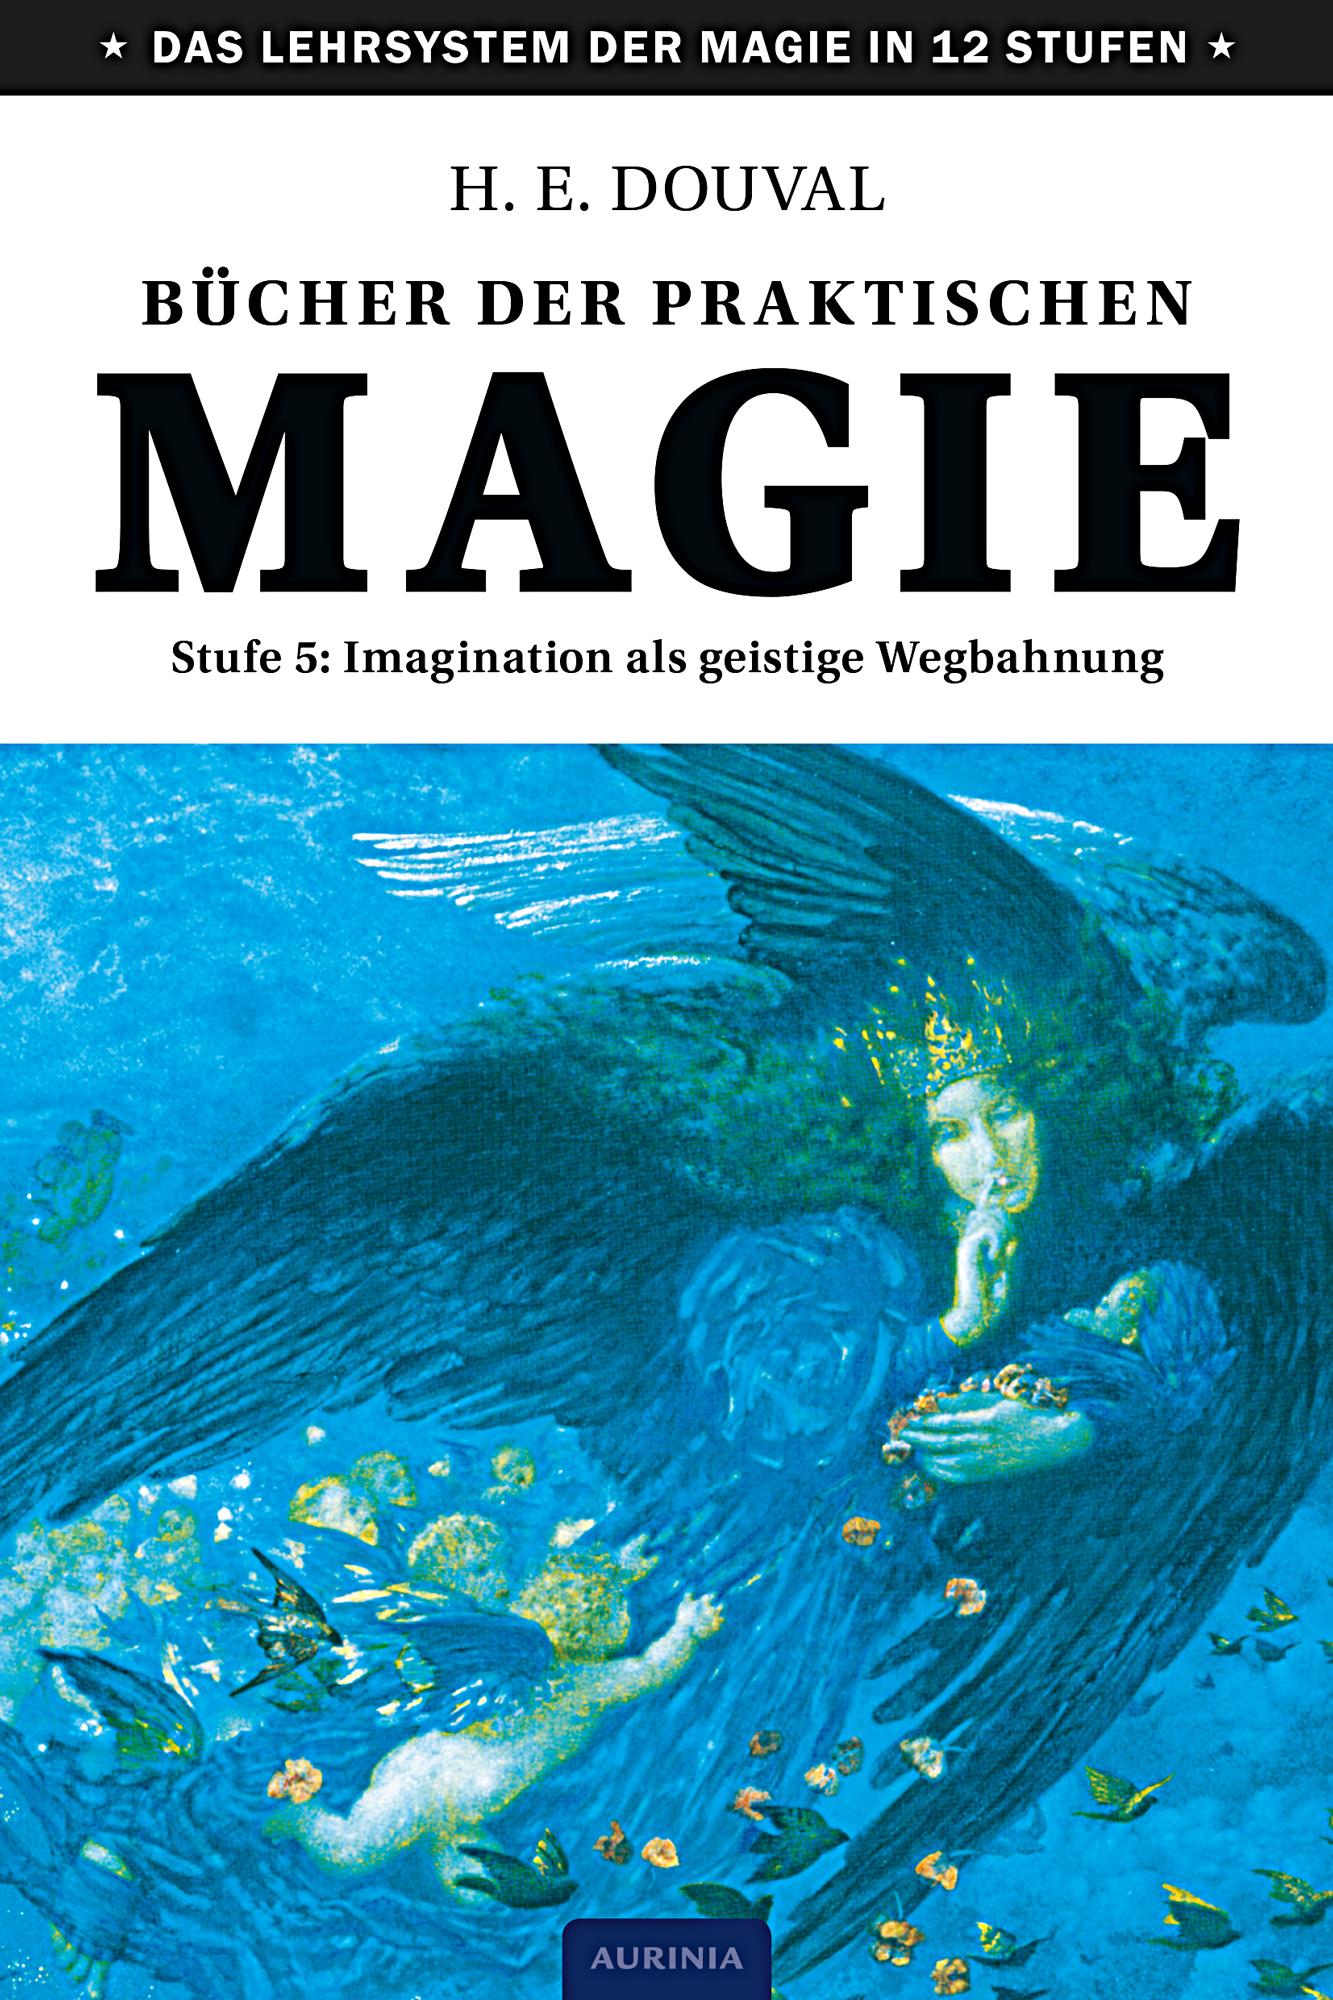 Bücher der praktischen Magie, H. E. Douval